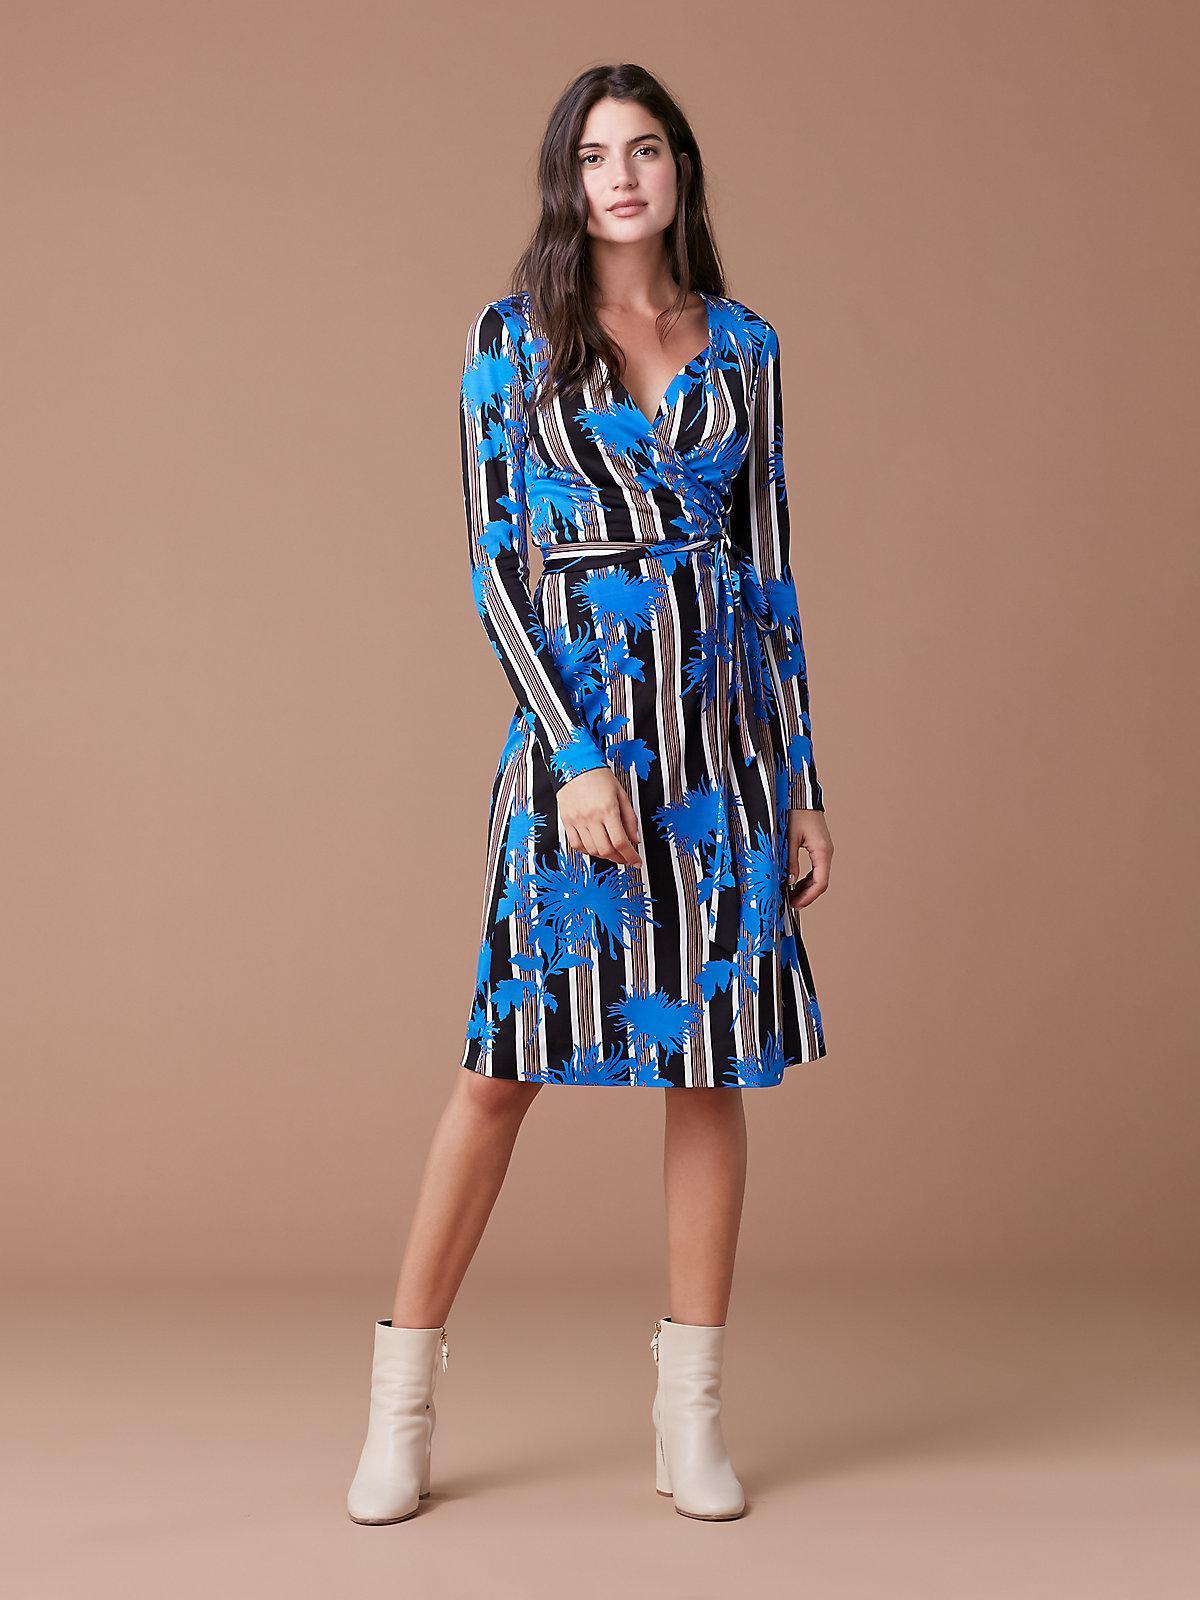 89685c7613ed Diane von Furstenberg Long Sleeve Julian Wrap Dress in Blue - Lyst